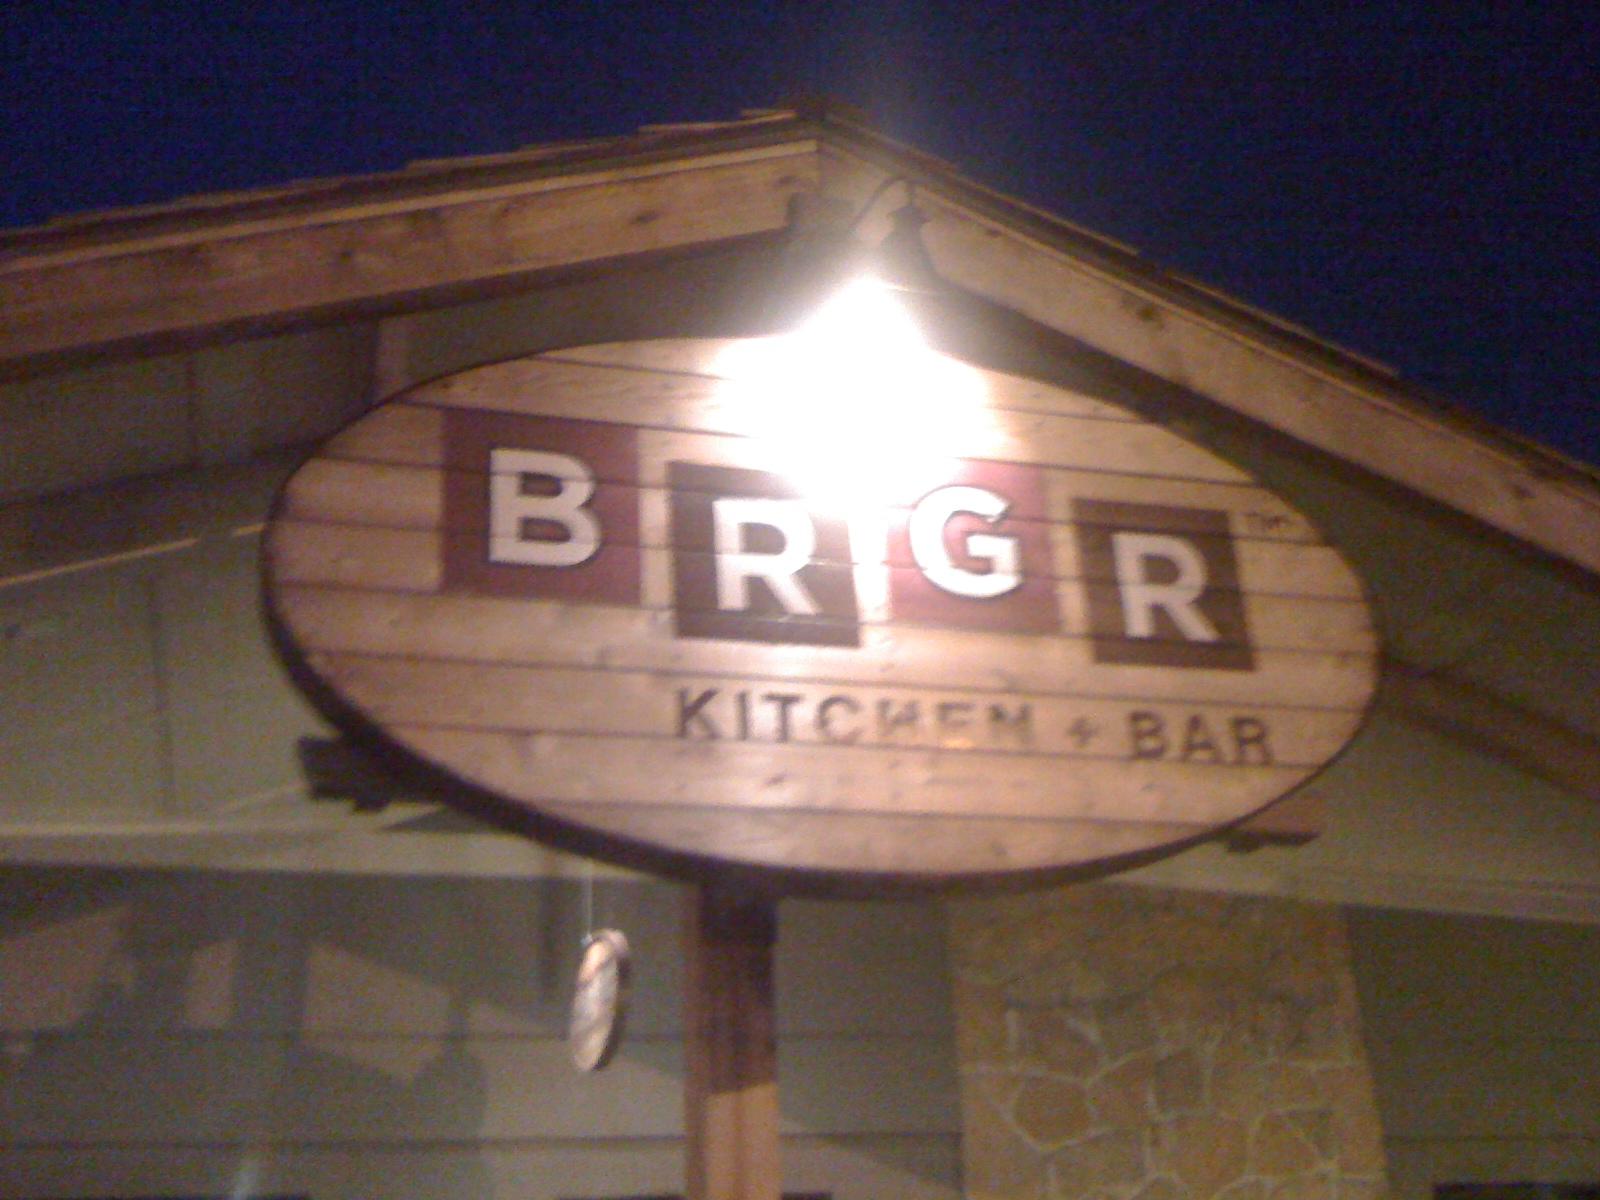 kc napkins: a food rag: october 2010